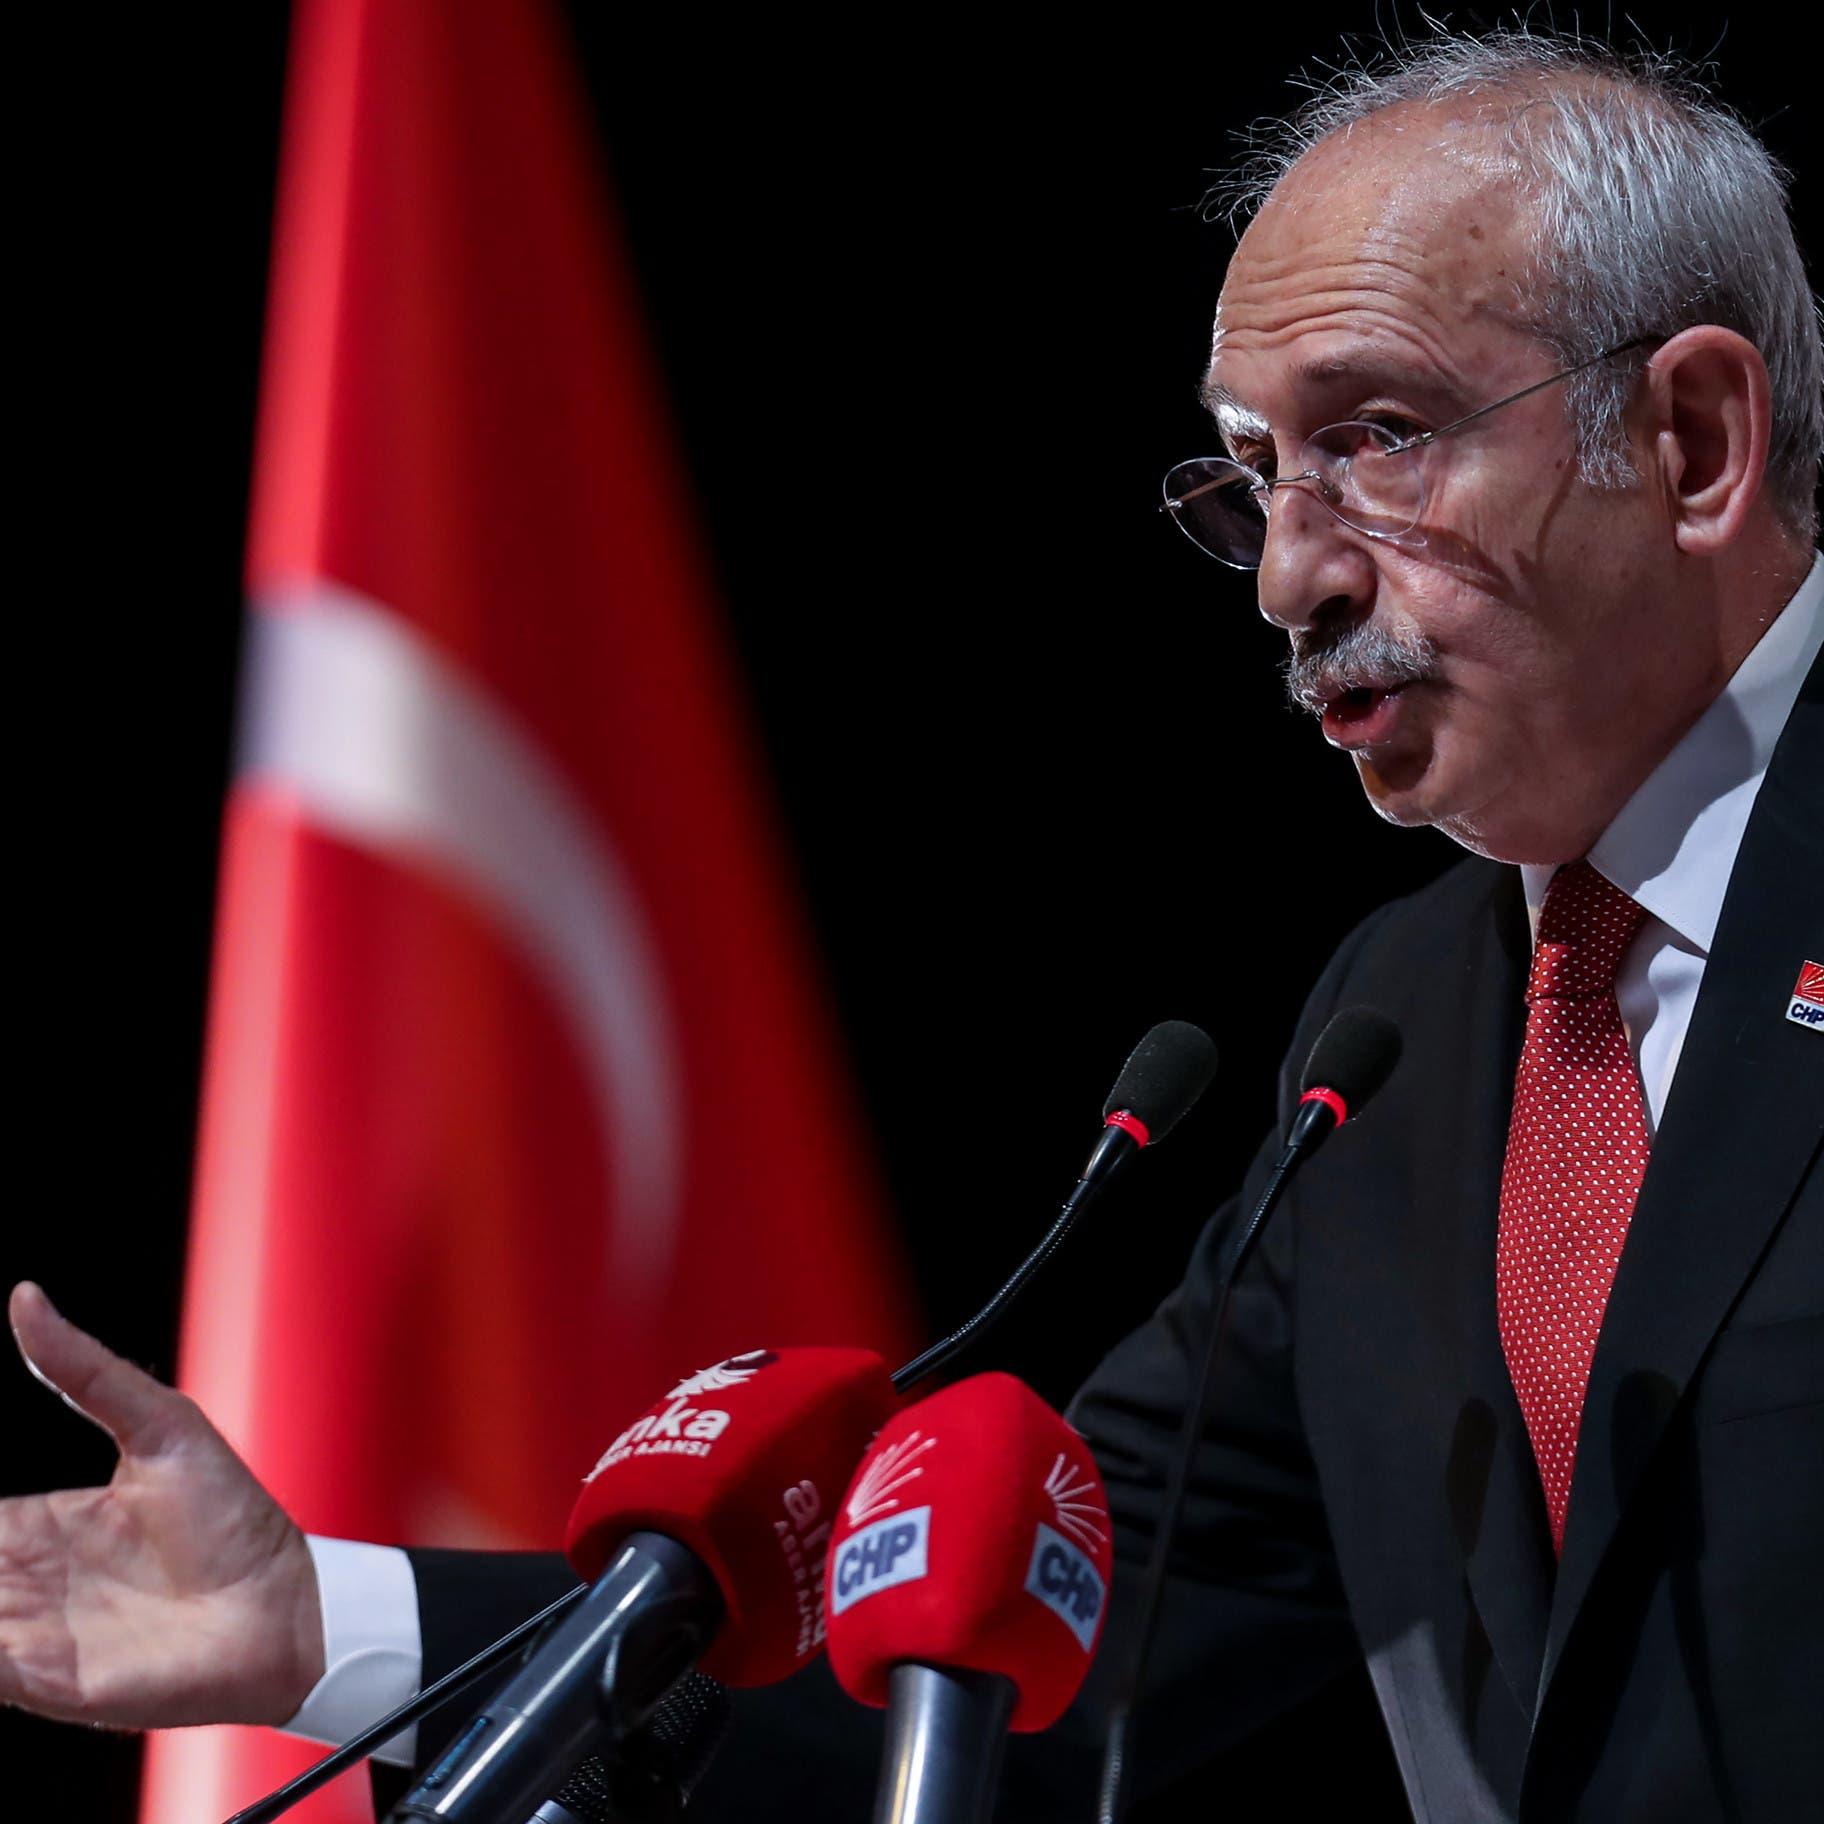 زعيم المعارضة التركية عن حكومة أردوغان: سنتخلص منهم